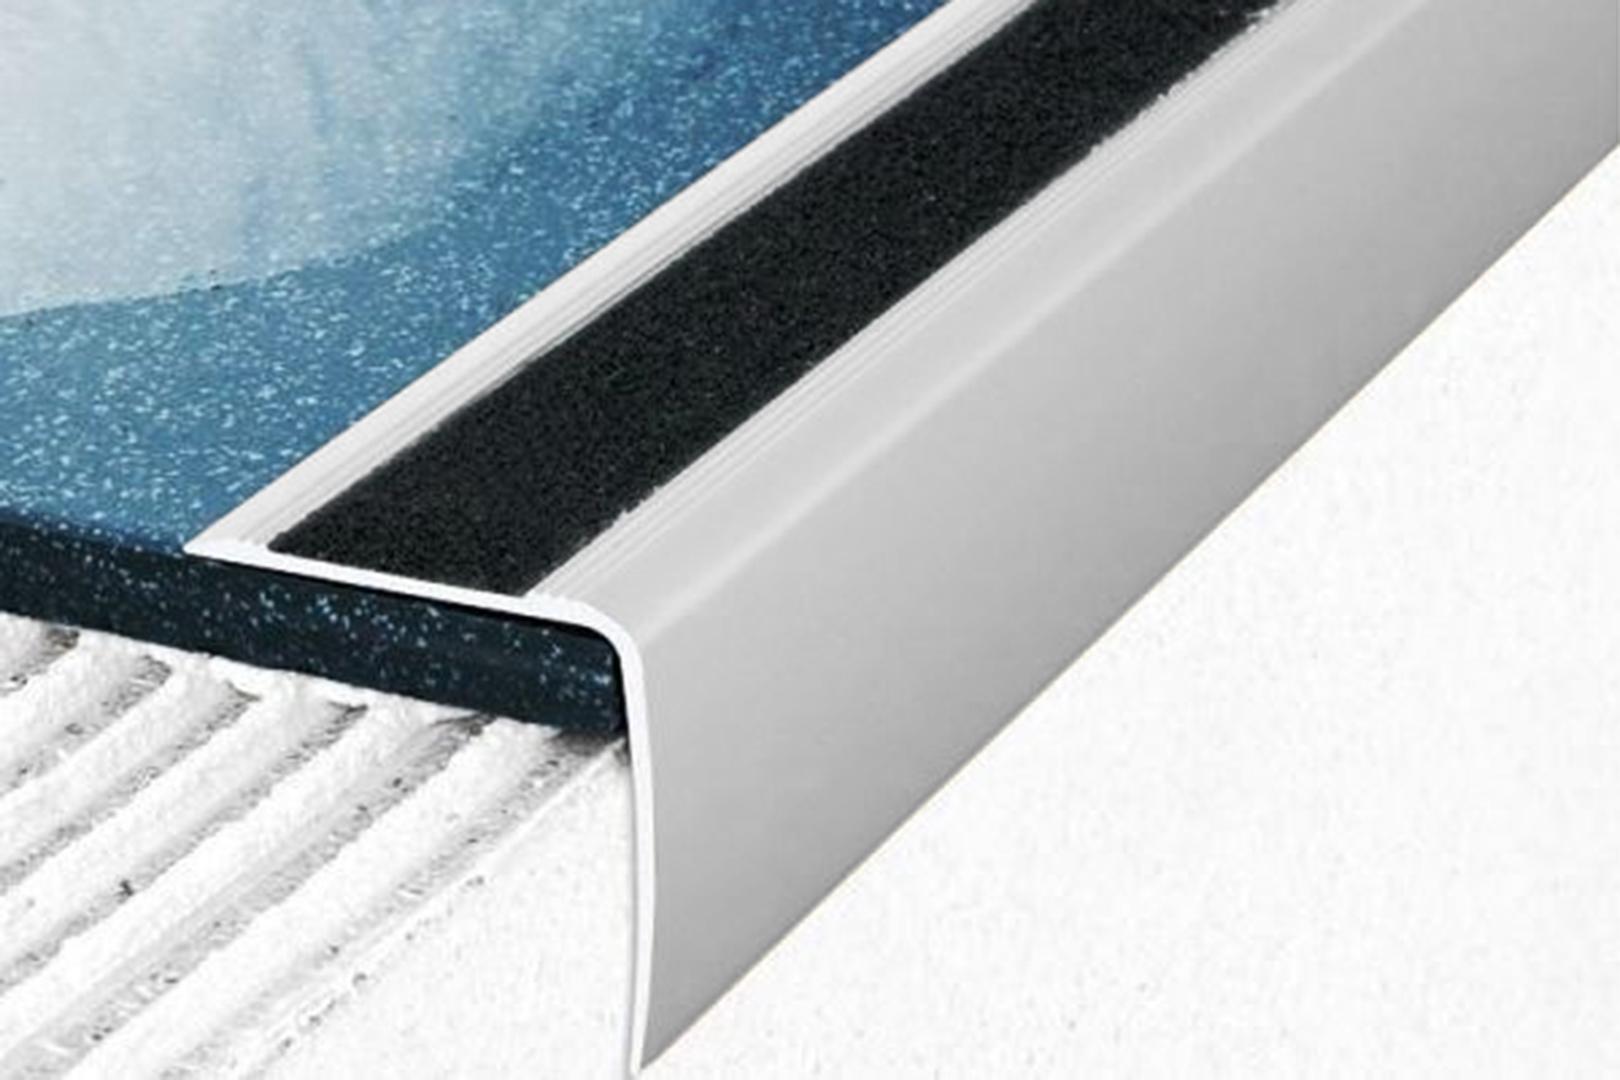 1,2 Meter | Eckprofile | Alu | eloxiert | Anti-Rutsch | Effector | 35x35mm | A43